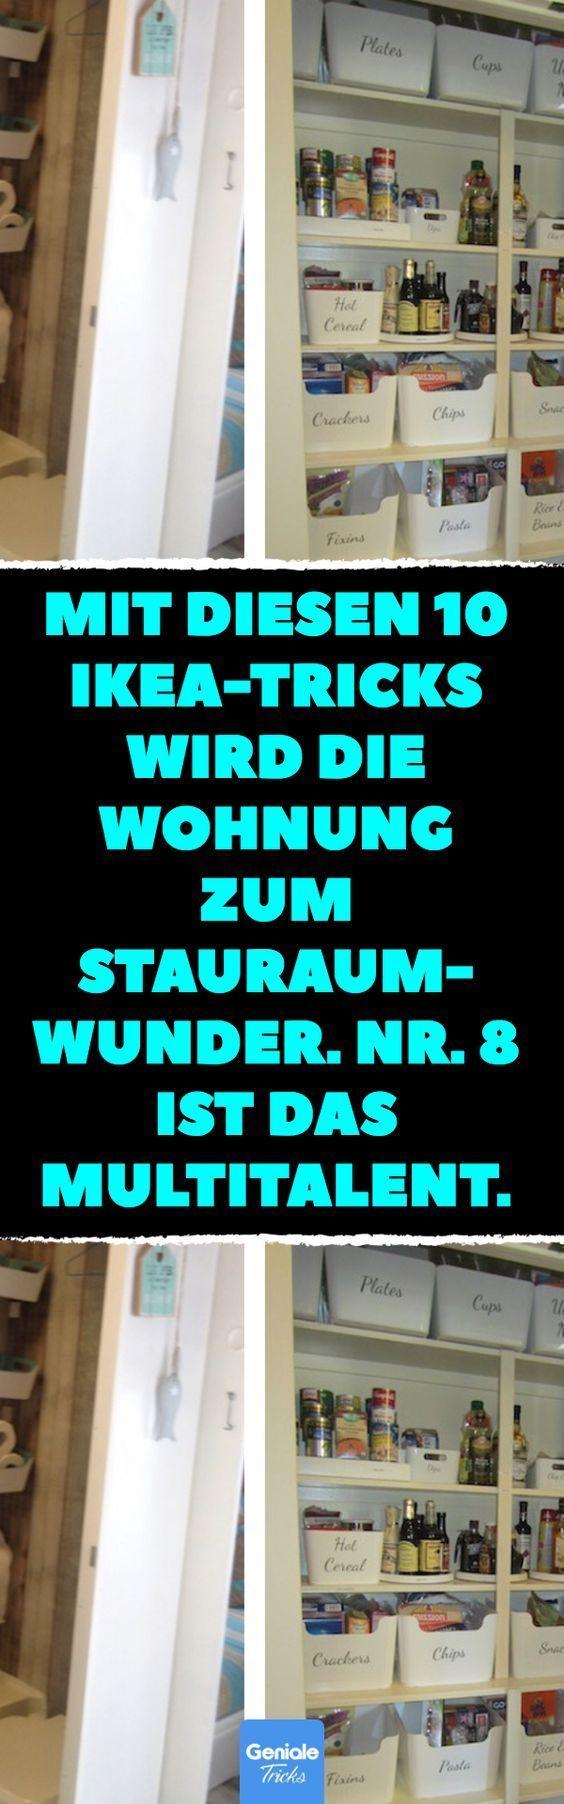 Mit diesen 10 Ikea-Tricks wird die Wohnung zum Stauraum-Wunder. Nr. 8 ist dasjenige Mu…